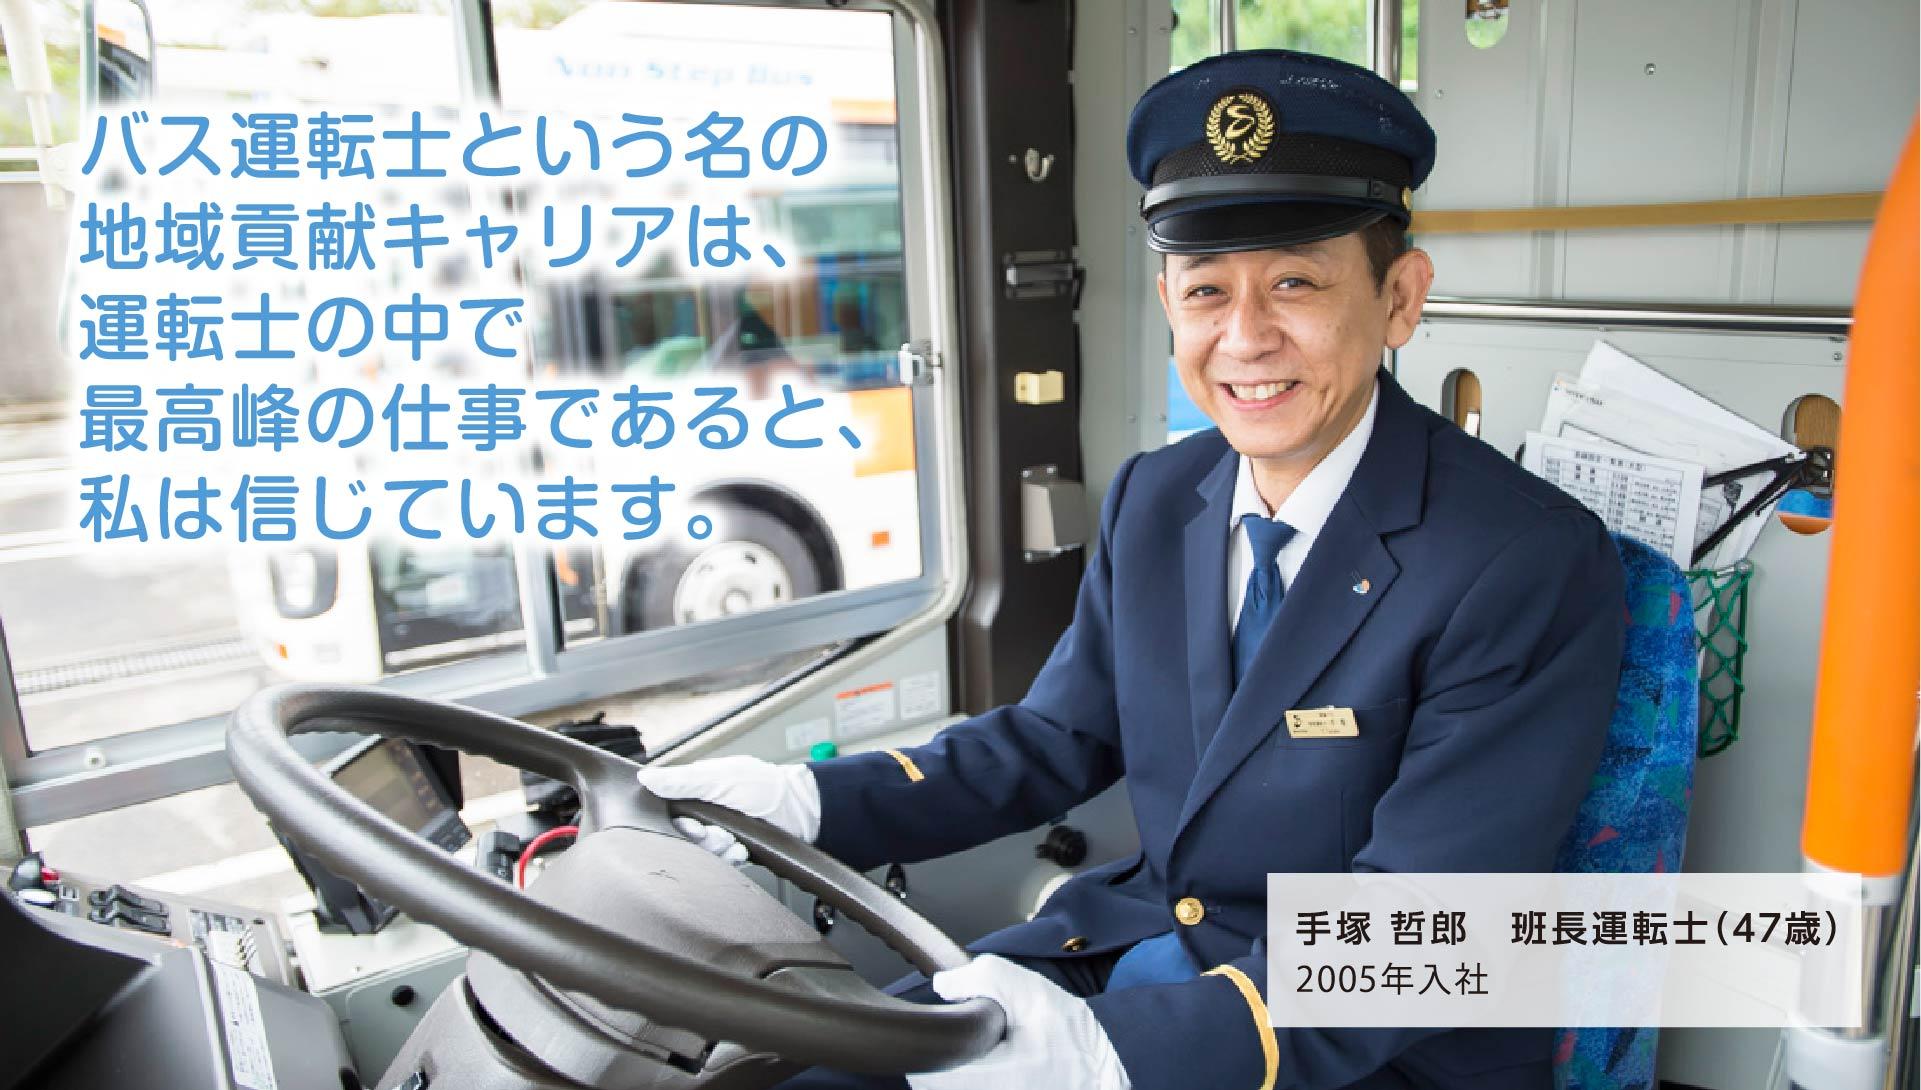 先輩インタビュー1 | インタビュー | 相鉄バス採用サイト